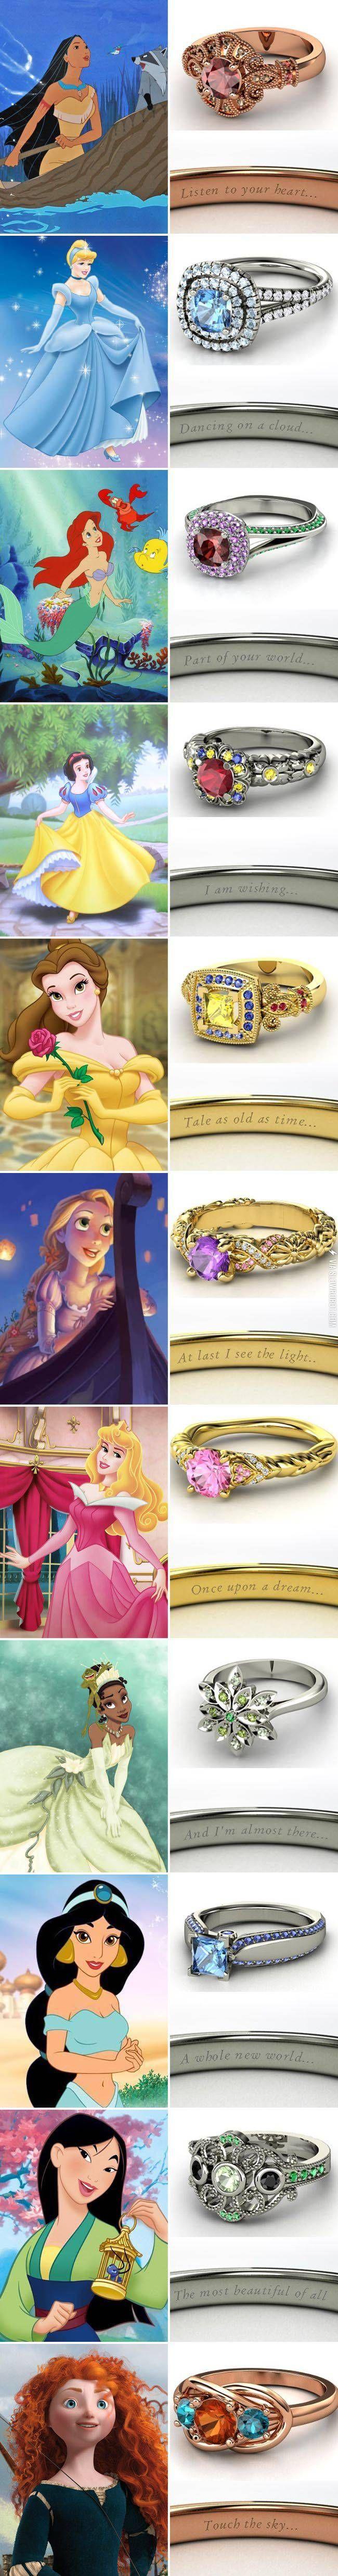 Disney princess fandom wedding rings. @rockradioaddict @DanaNGavin